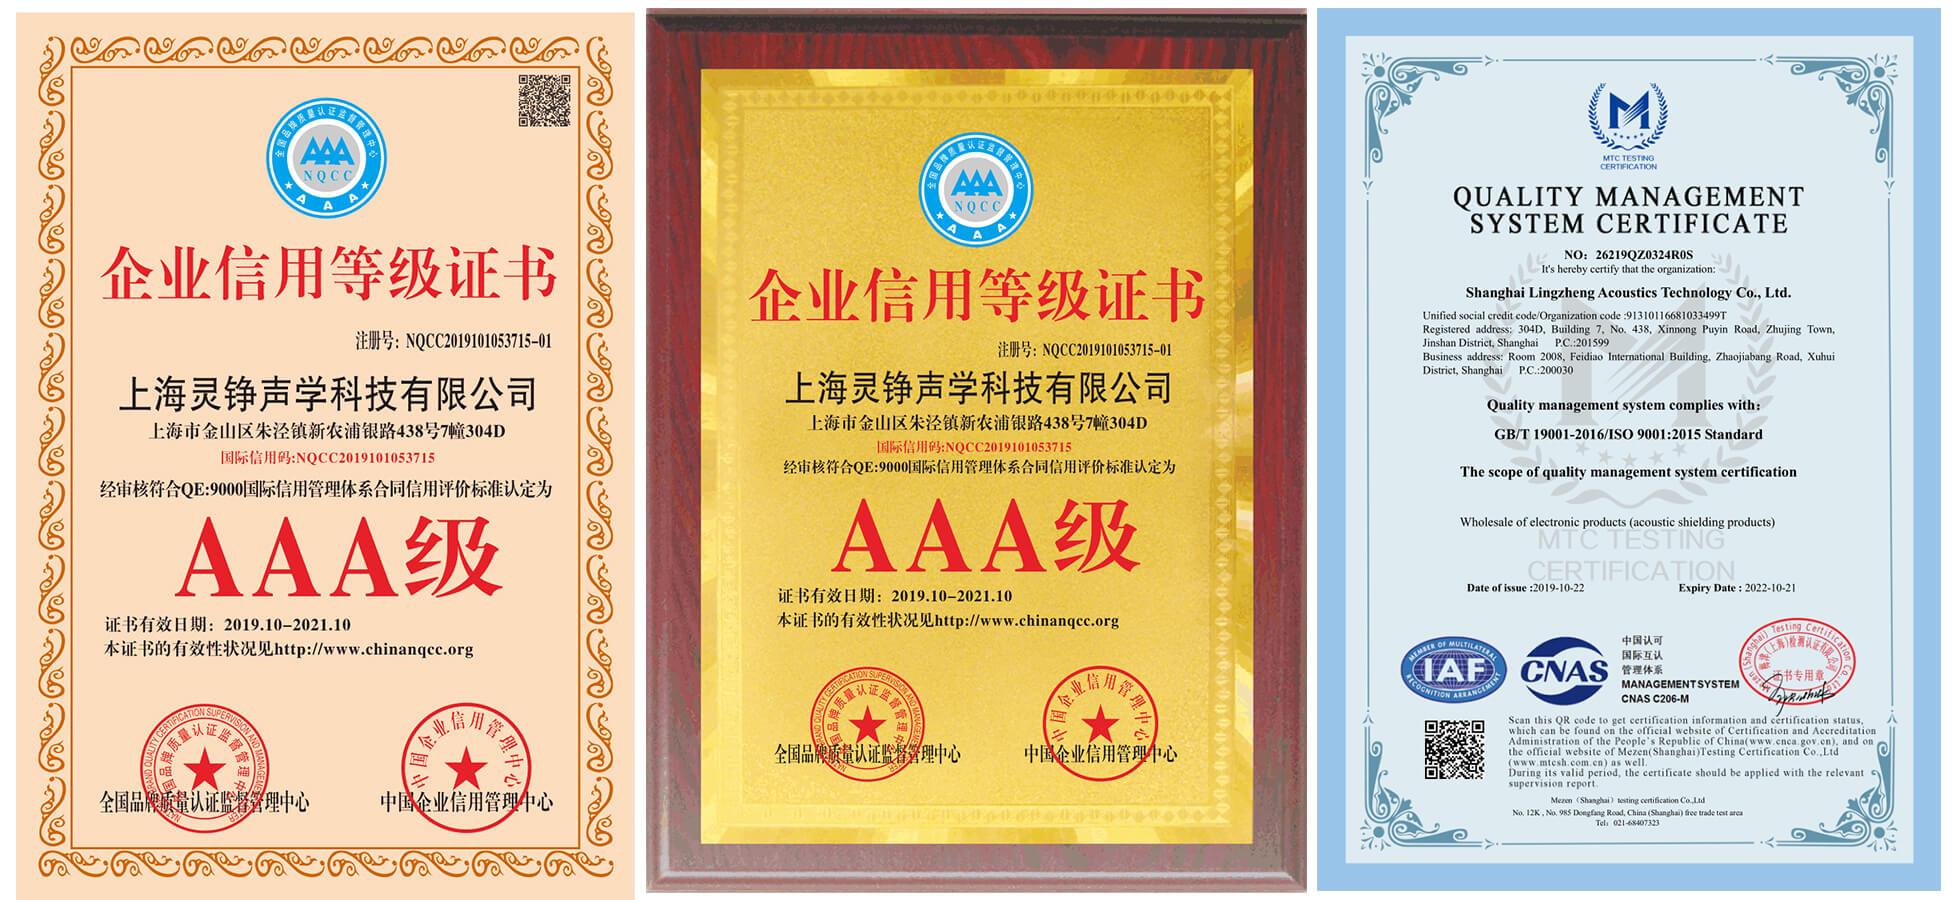 上海灵铮声学荣誉资质